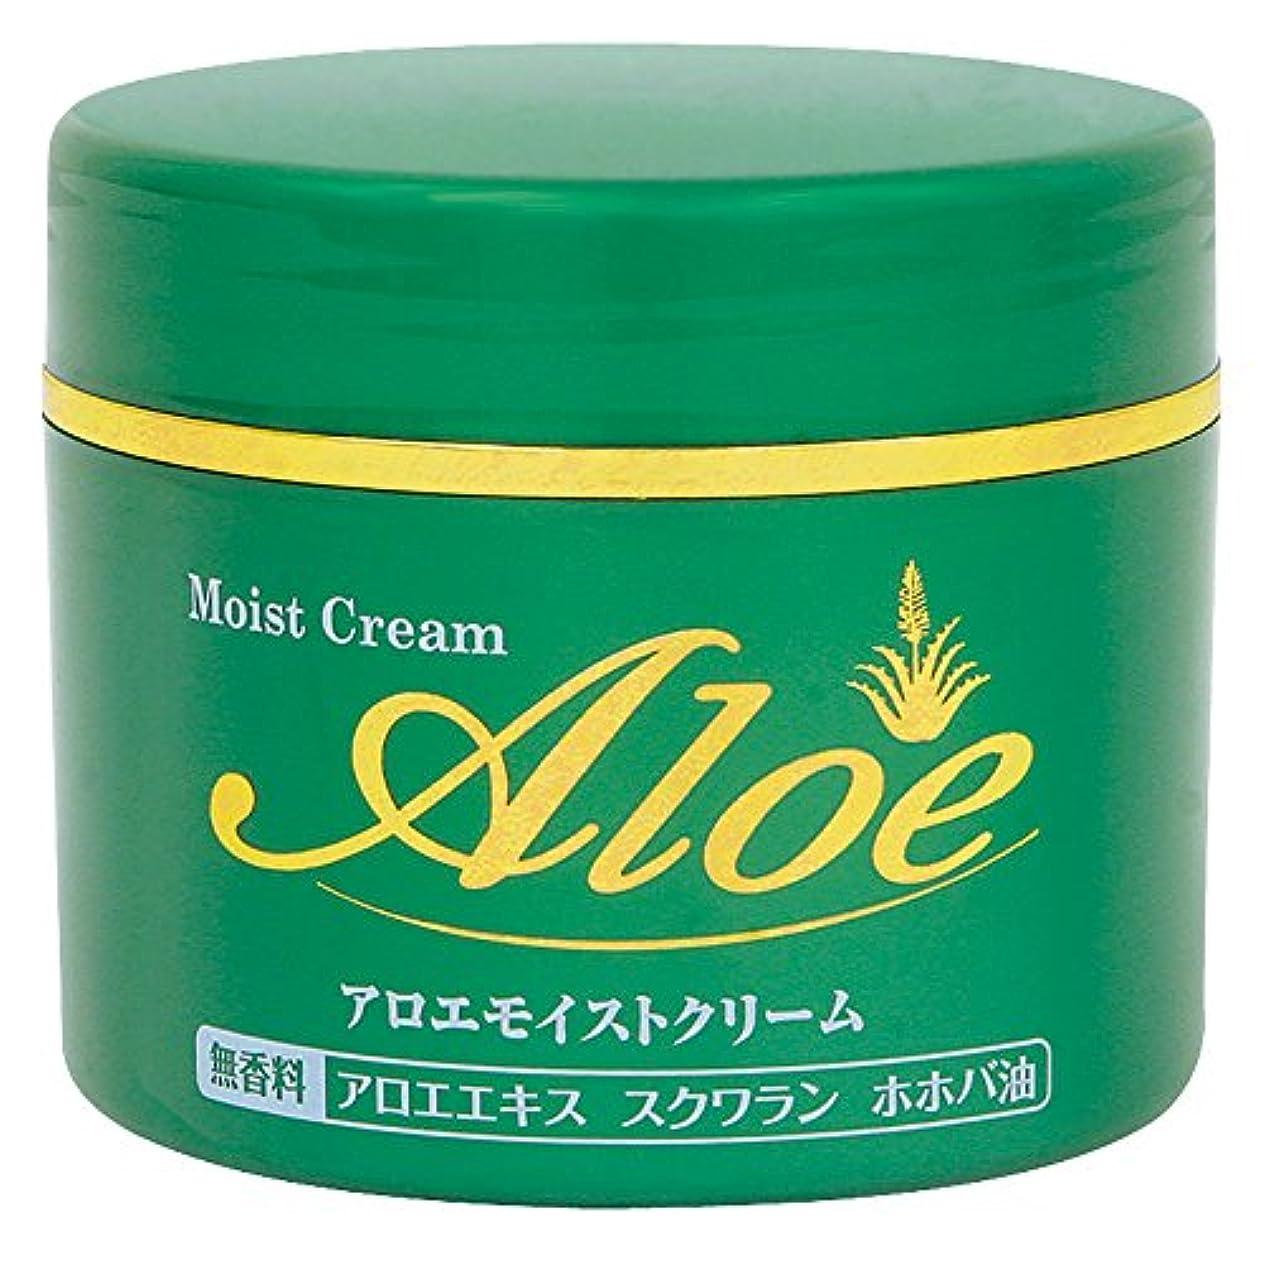 エミュレーションニュージーランド下線井藤漢方製薬 アロエモイストクリーム 160g (アロエクリーム 化粧品)